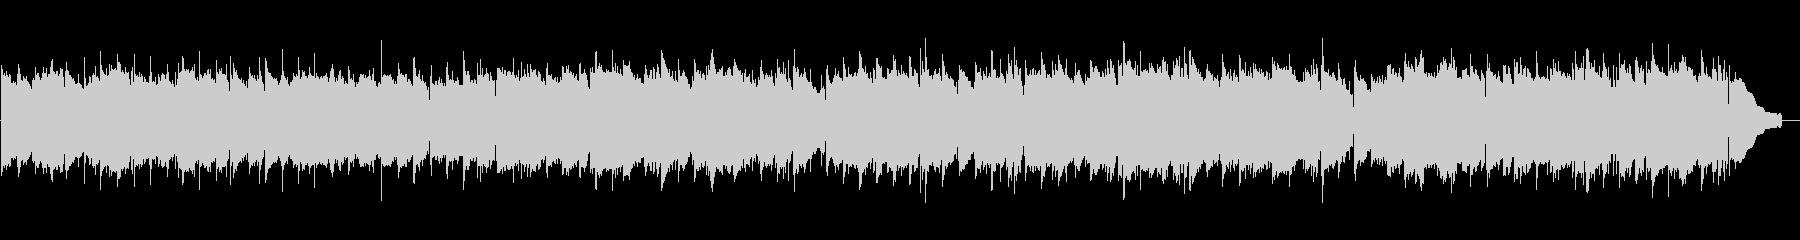 穏やかな雰囲気のフォークポップBGMの未再生の波形